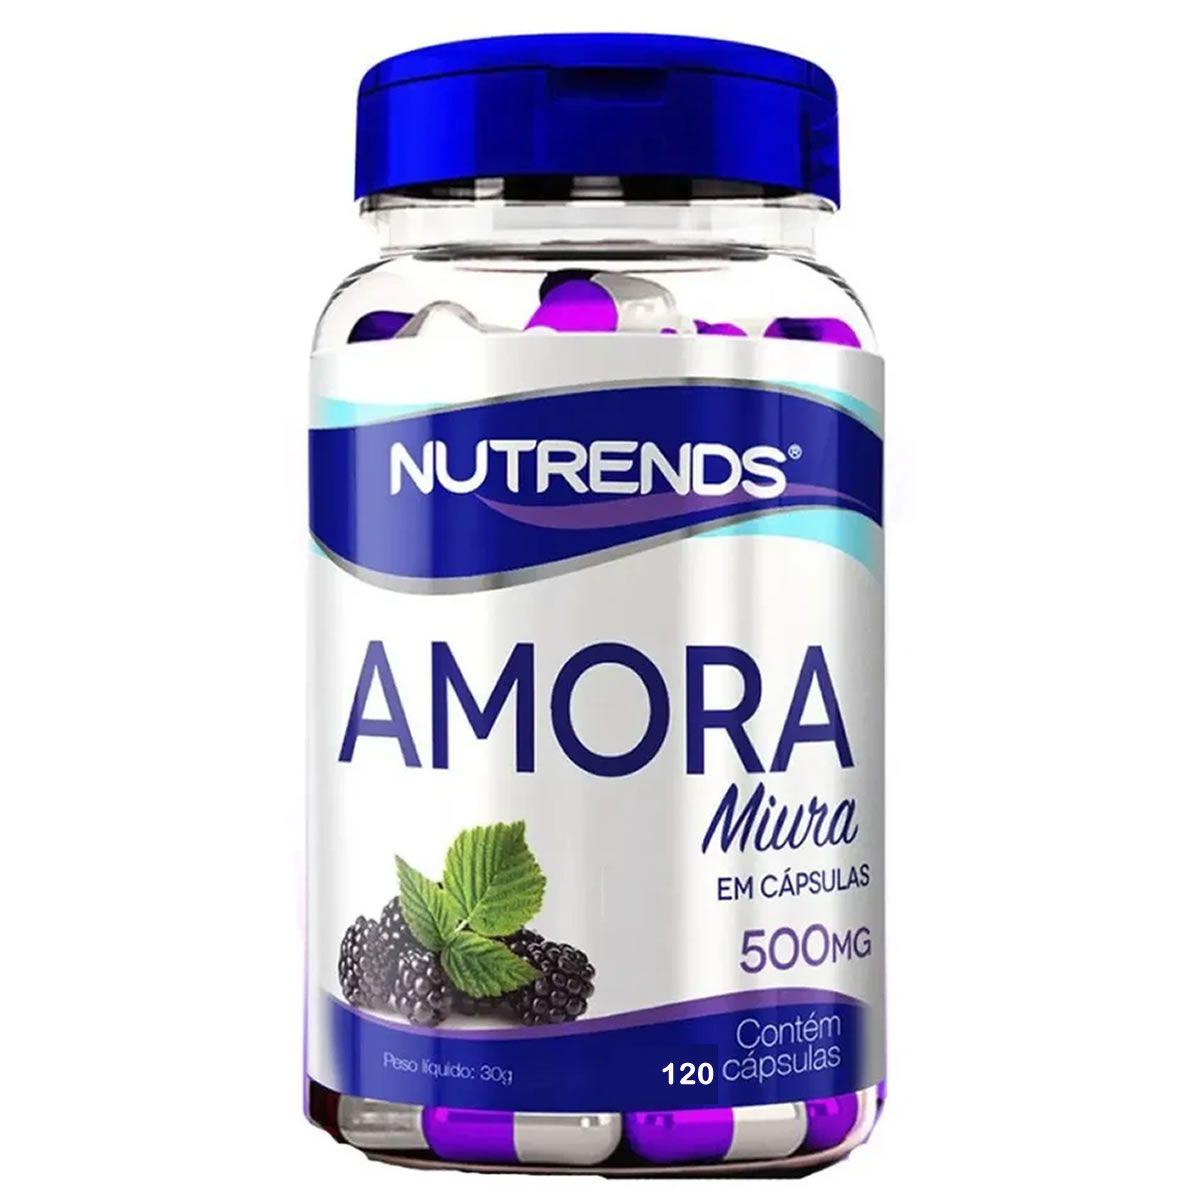 Amora Miura 120 Cápsulas- Nutrends